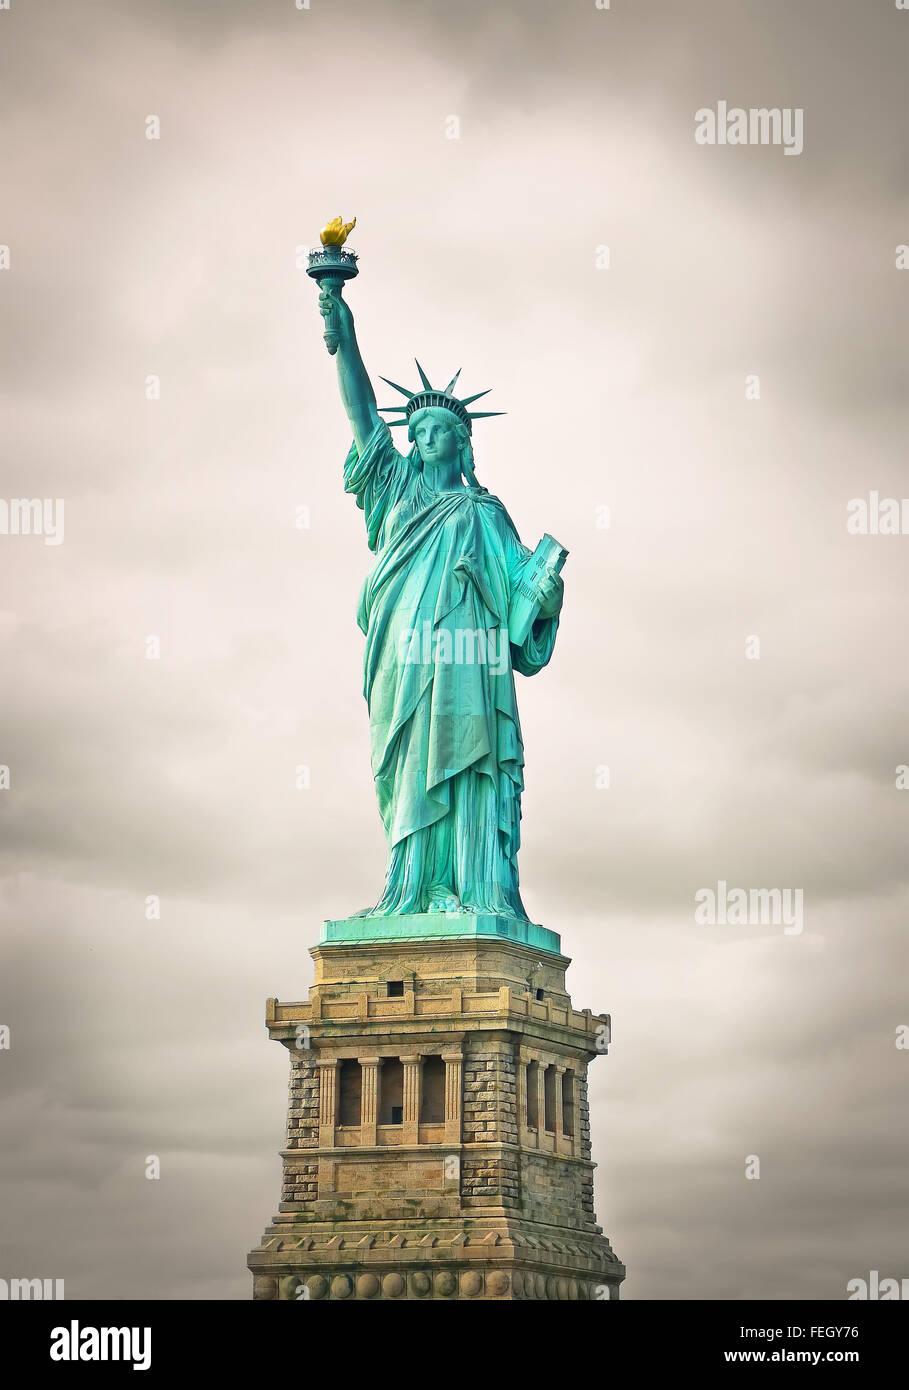 La statue de la liberté à new york city Photo Stock